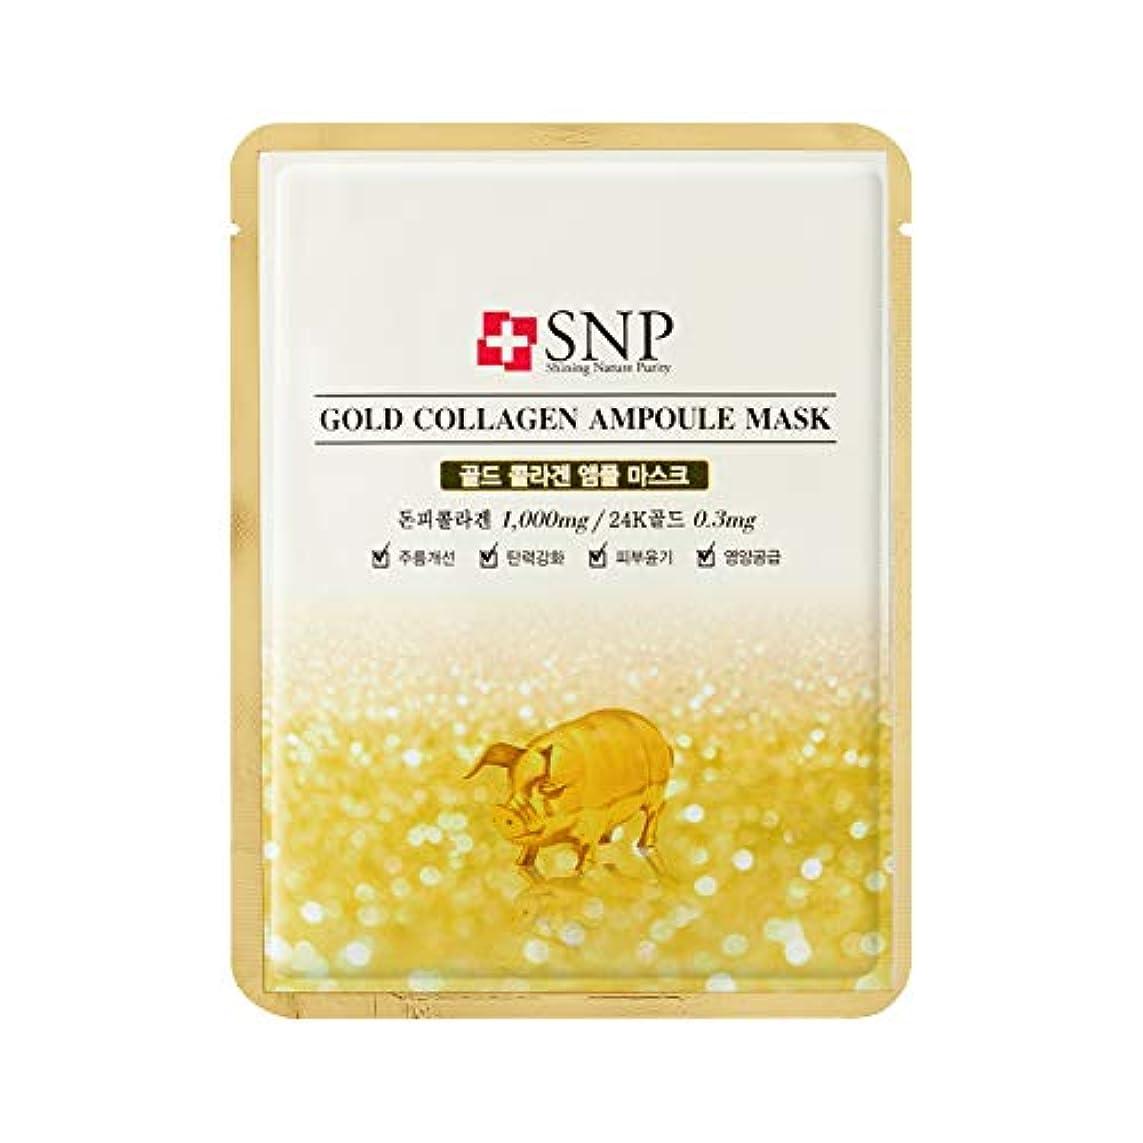 ウルル彼は排除する【SNP公式】ゴールドコラーゲンアンプルマスク10枚セット/Gold Collagen Ampoul Mask 25ml 韓国コスメ 韓国パック フェイスマスク マスクパック 保湿